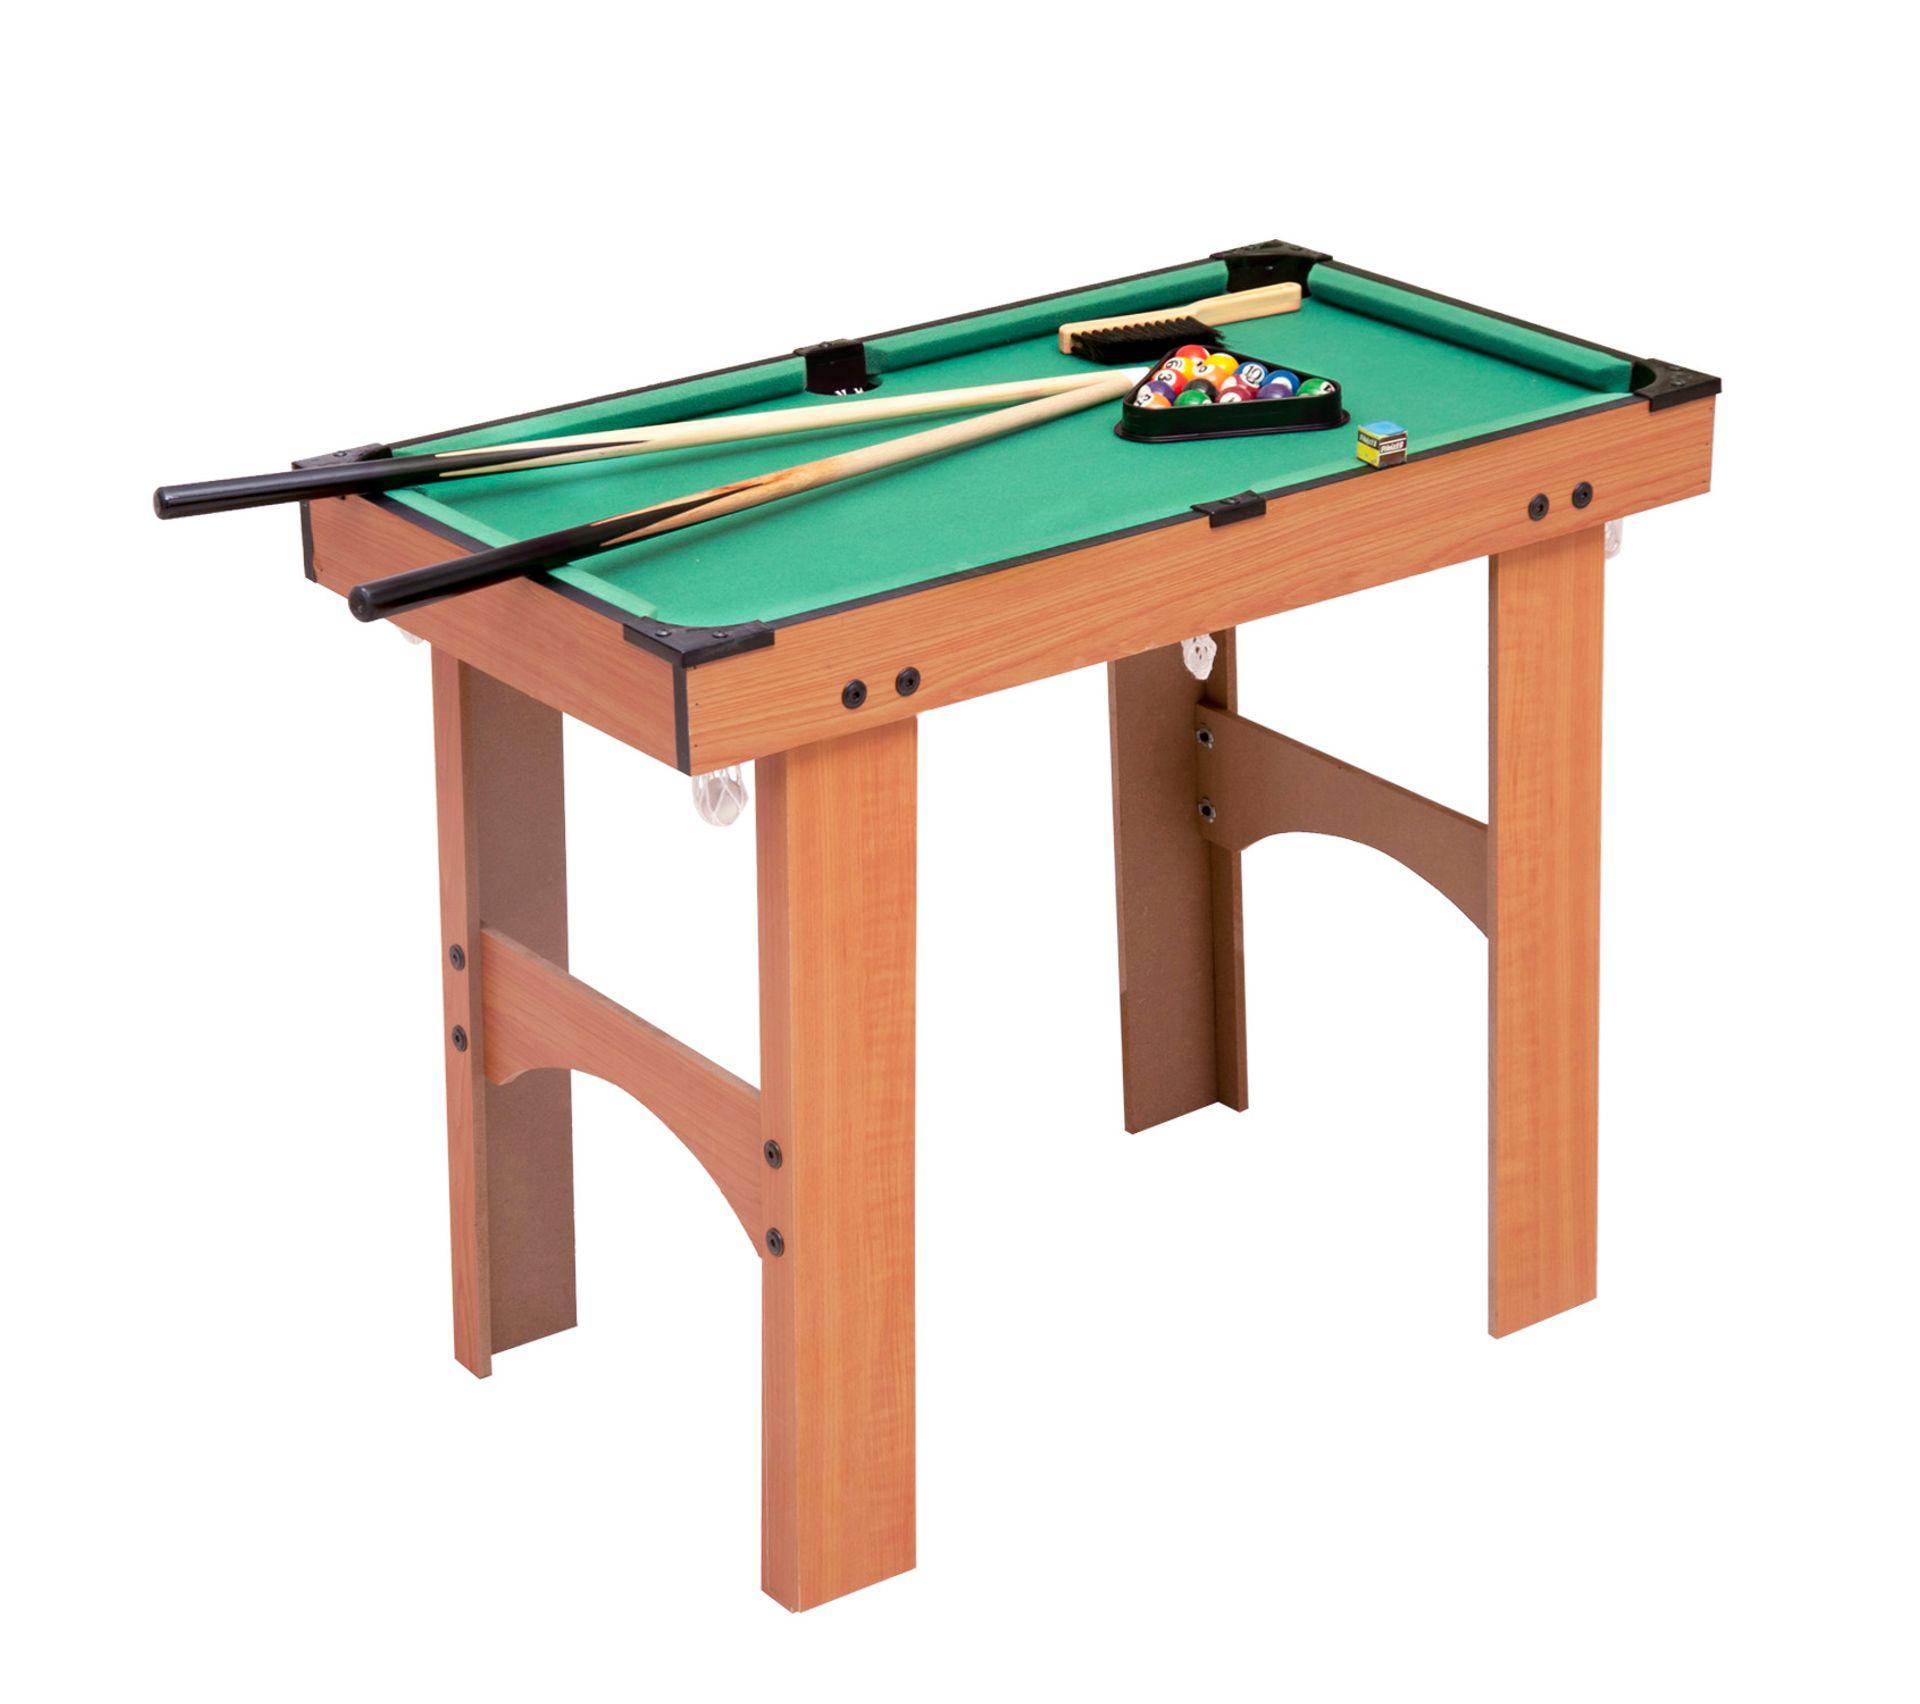 La Chaise Longue Billard mini table de billard sur pied avec accessoires bois mdf velours 77 x 40 x  63 cm